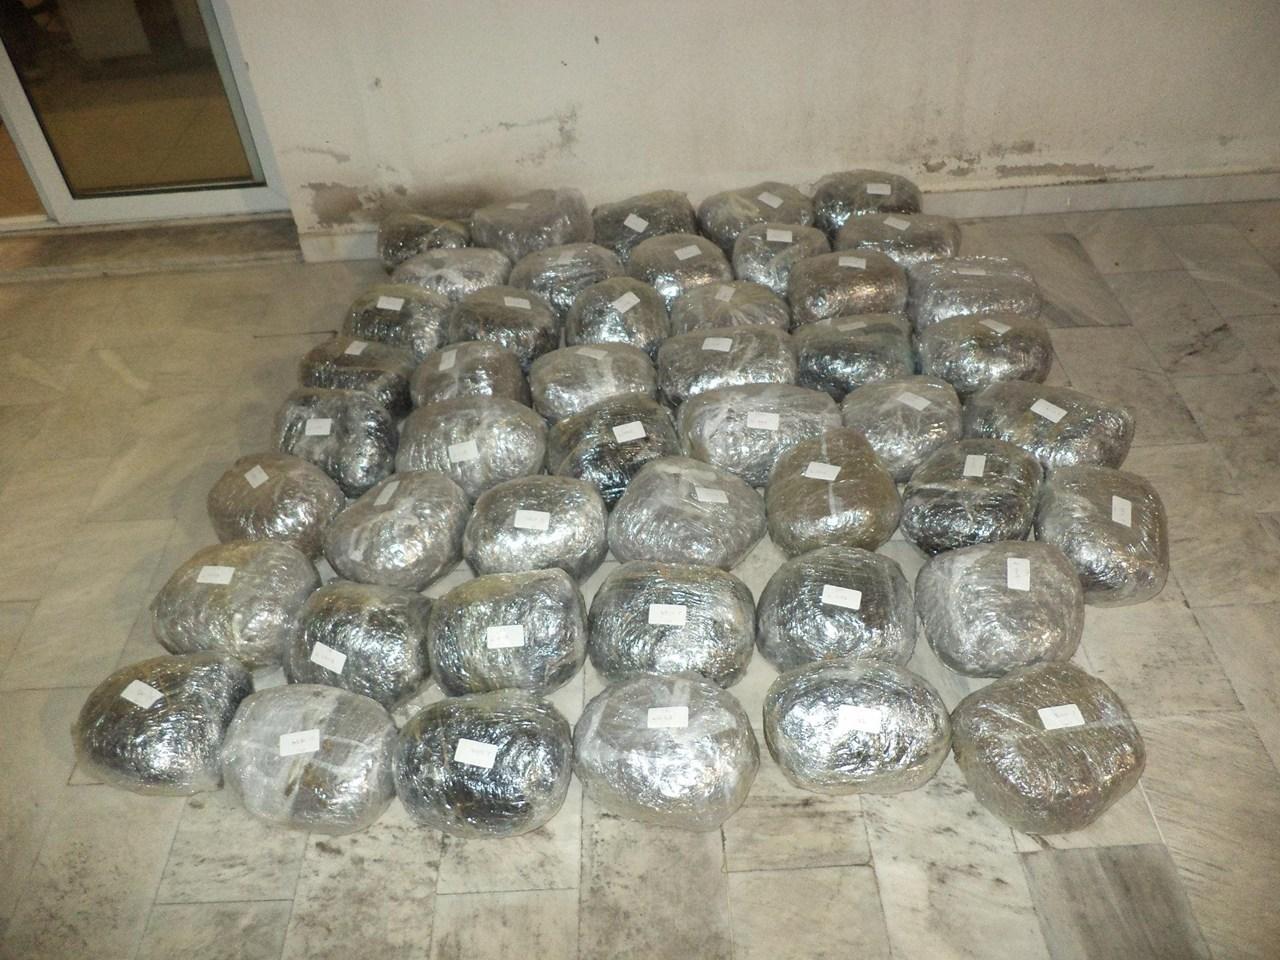 Συνελήφθησαν πέντε Σκοπιανοί στη Φλώρινα για εισαγωγή ναρκωτικών  Image